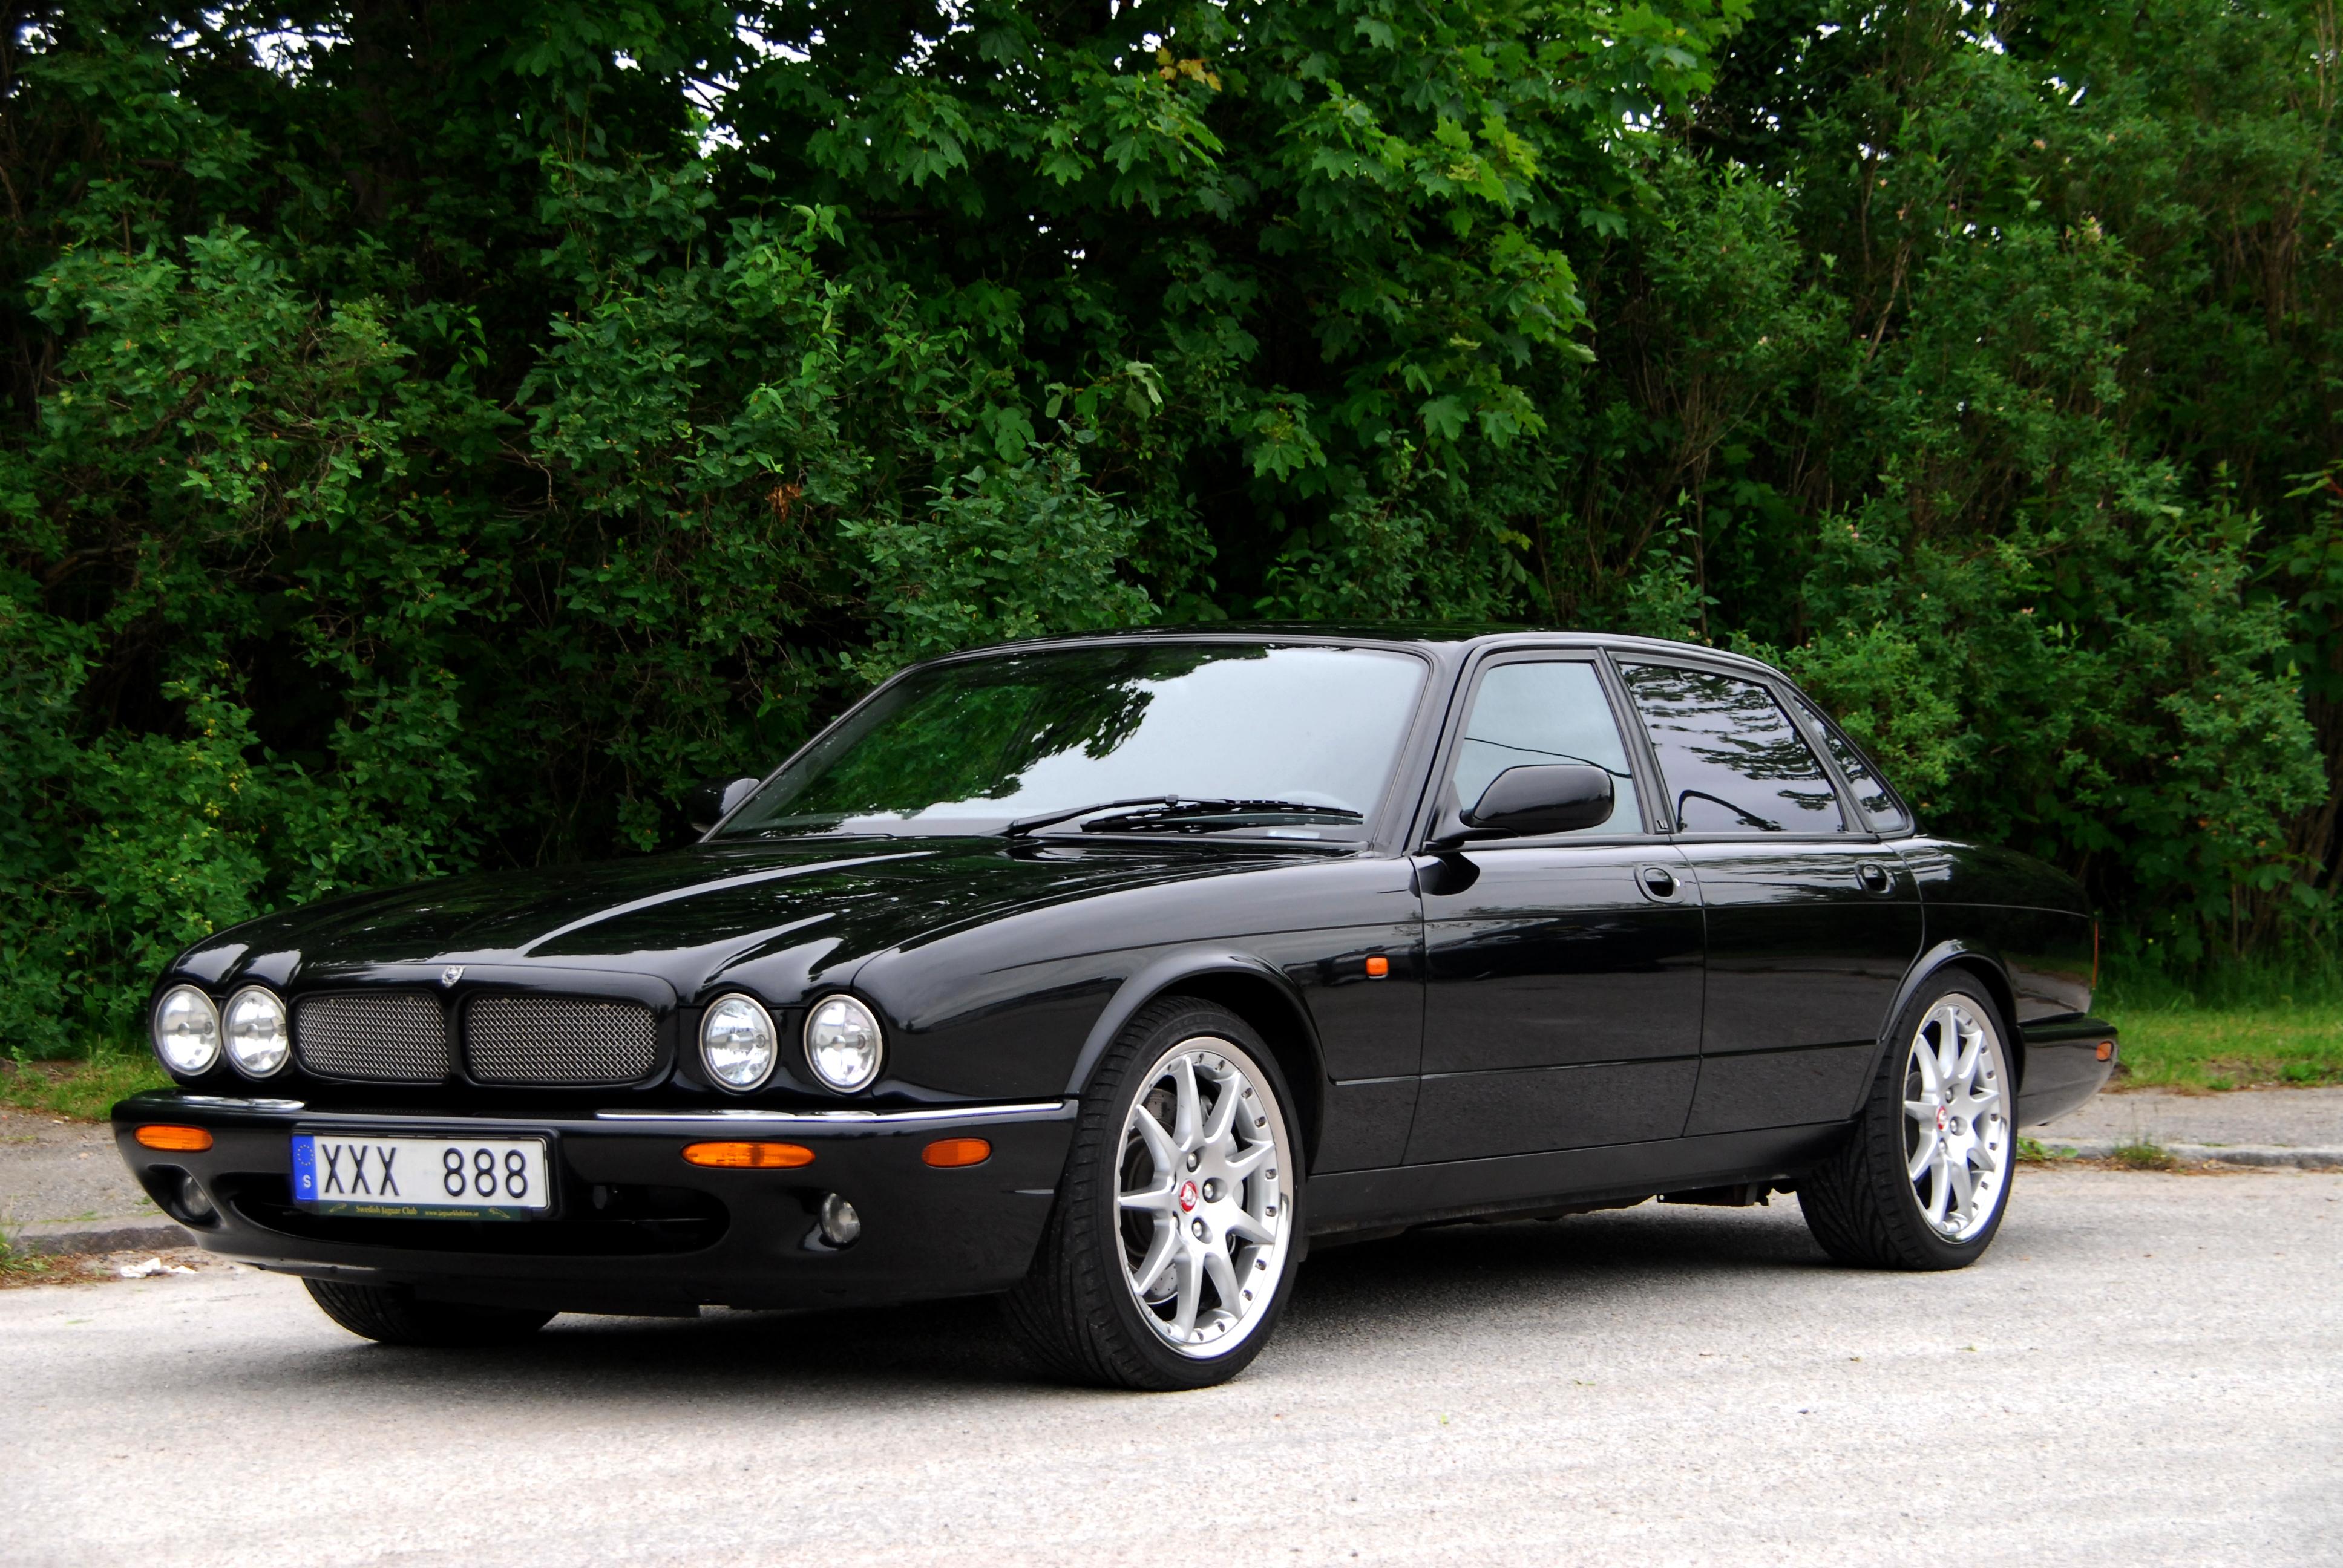 1999 jaguar xjr 6 jaguar xjr 6